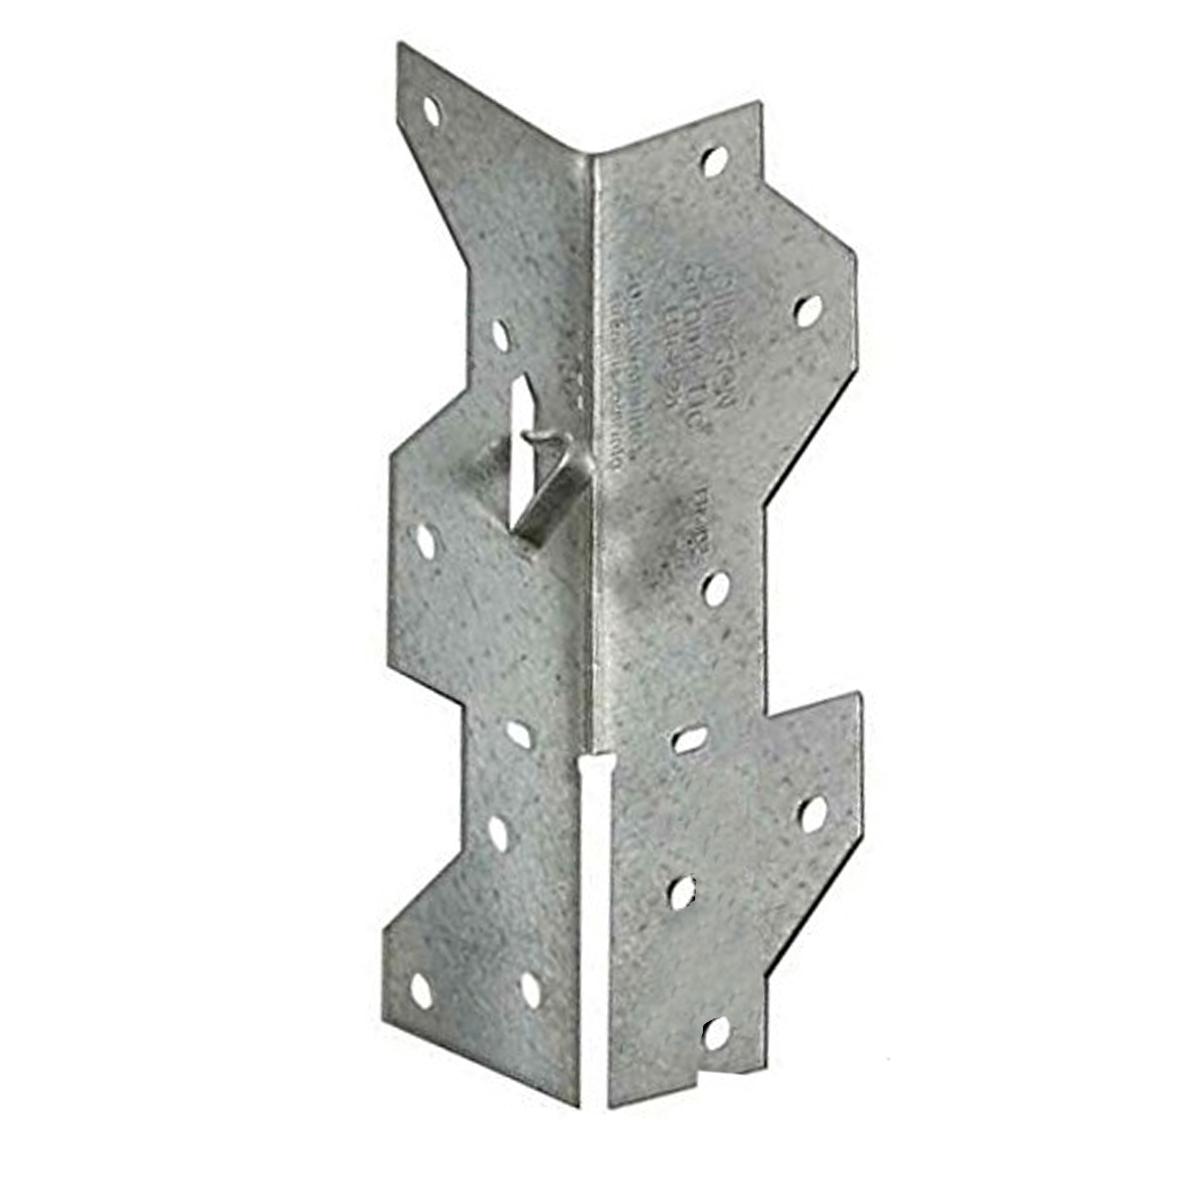 6-Way Framing Anchor